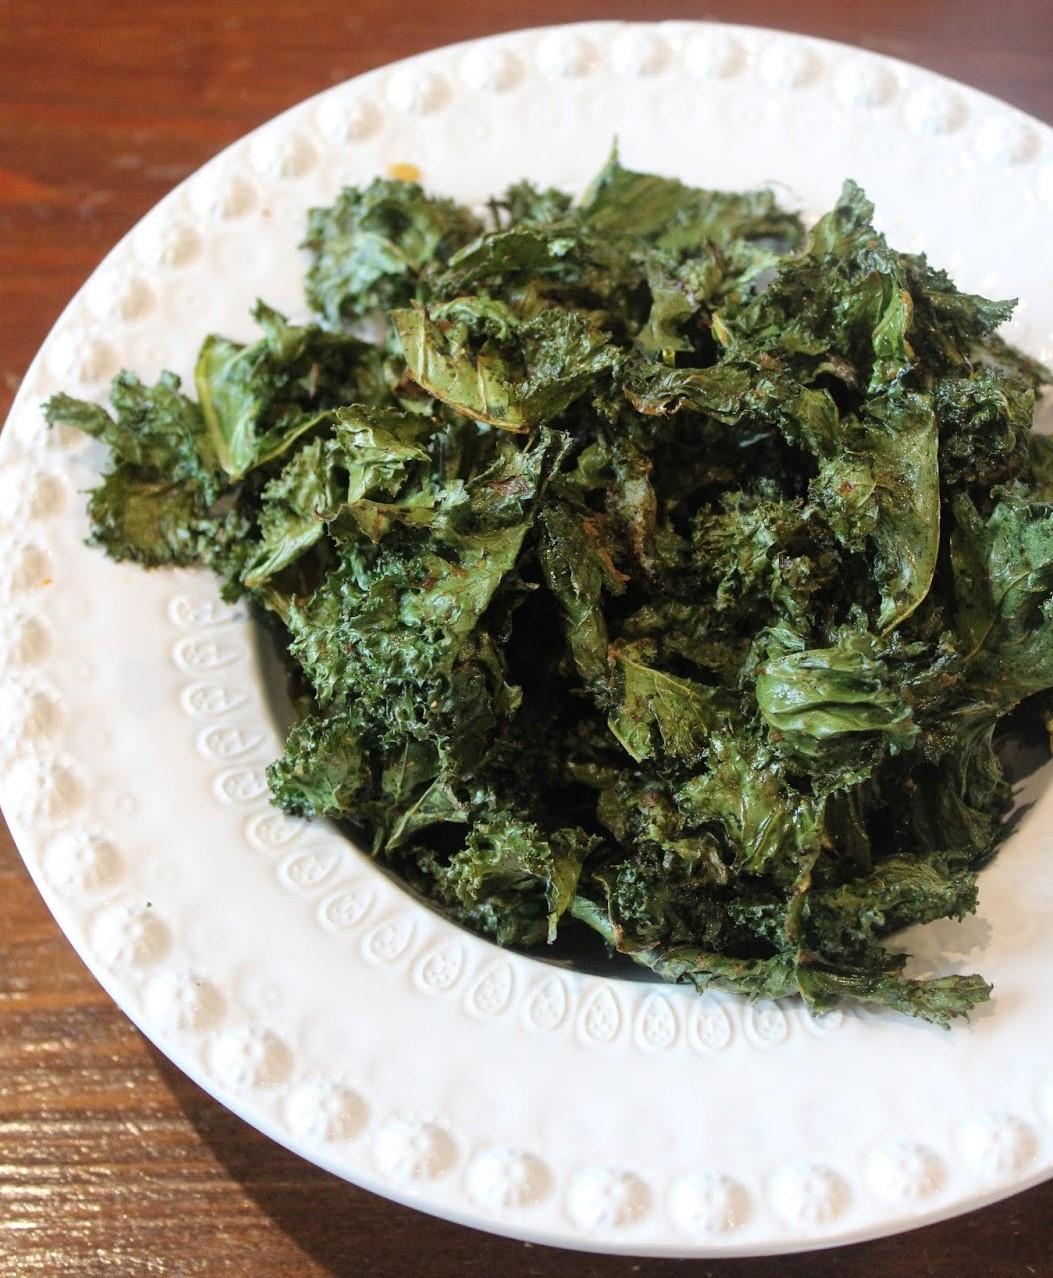 Couve crocante dentro de um prato branco fundo. Após assada, a couve diminui de volume e adquire um verde mais escuro que a sua cor quando está fresca.